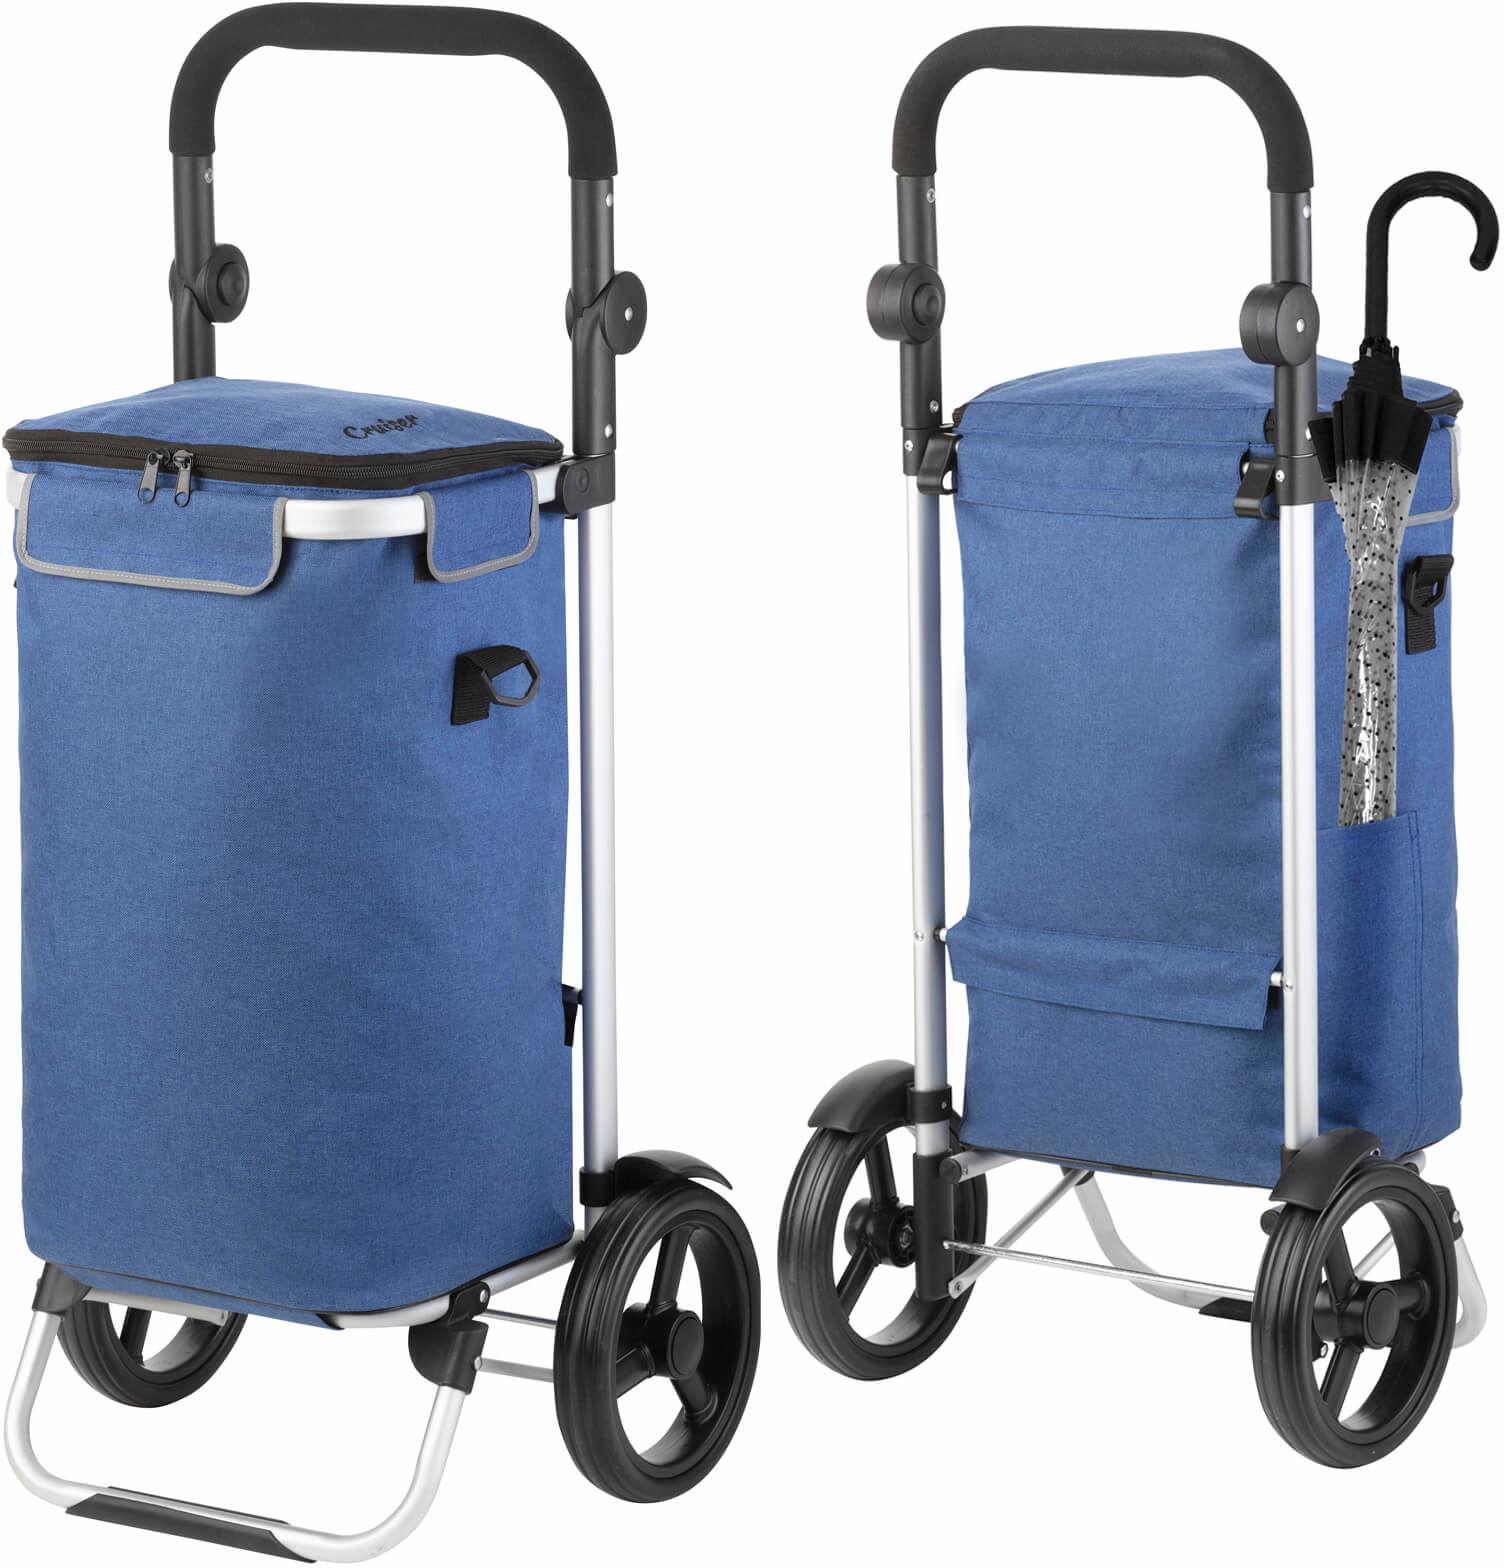 Wózek zakupowy Cruiser Allround /niebieski/